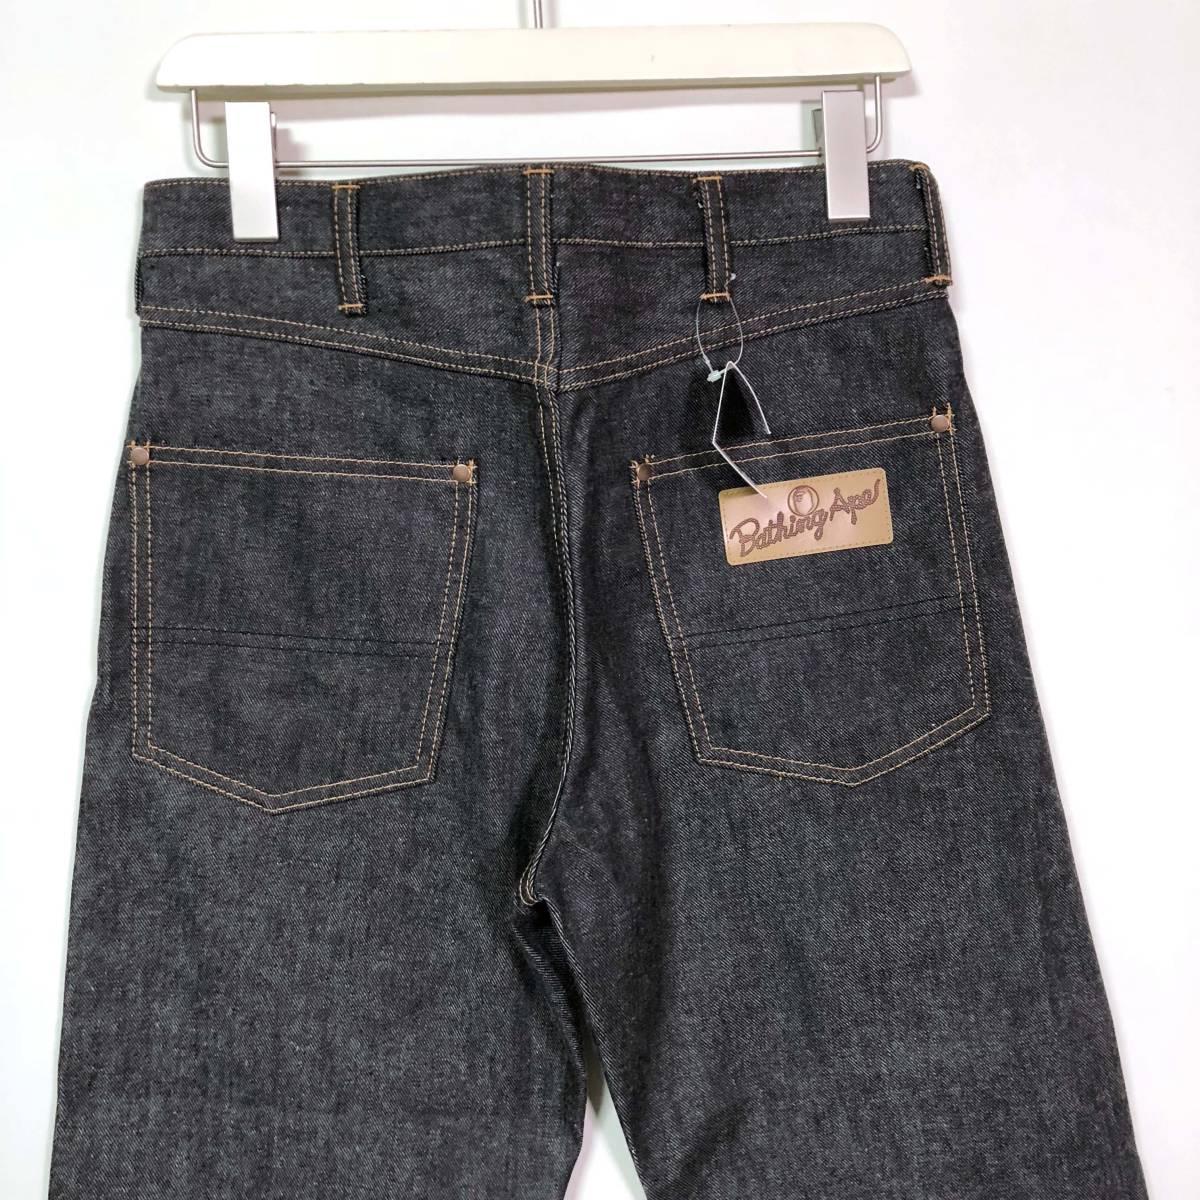 新品◆A BATHING APE ア ベイシング エイプ 2003 ブラックデニム パンツ ジーンズ Sサイズ /ラングラー風デザイン/日本製_画像7